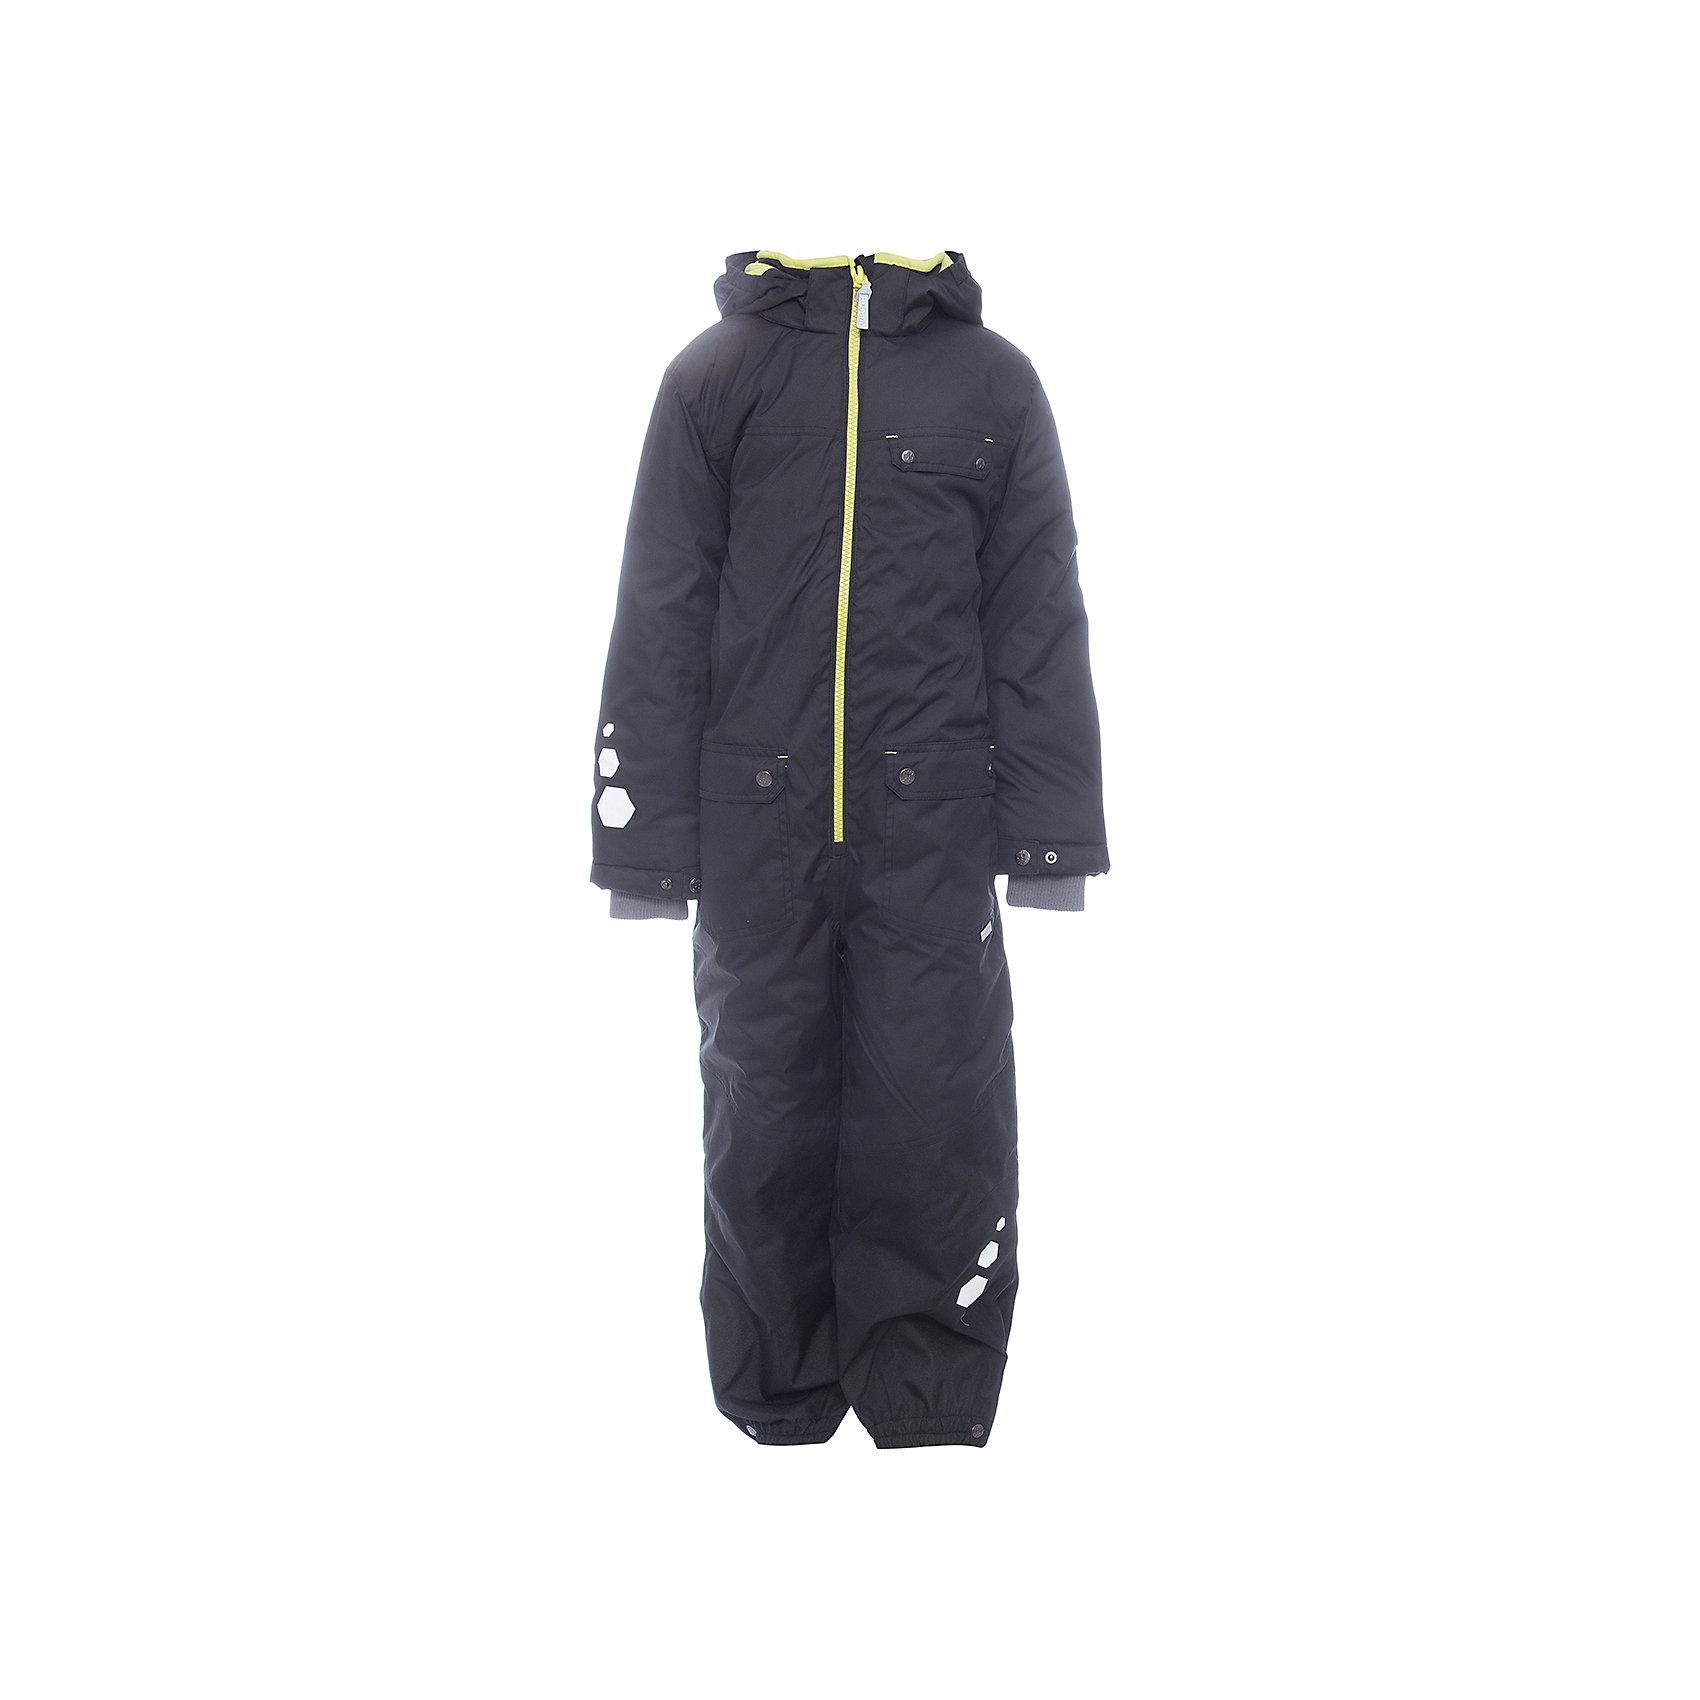 Комбинезон BLAZE HuppaВерхняя одежда<br>Характеристики товара:<br><br>• модель: Blaze;<br>• цвет: черный;<br>• пол: мальчик ;<br>• состав: 100% полиэстер;<br>• утеплитель: полиэстер, 300 гр.;<br>• подкладка: тафта;<br>• сезон: зима;<br>• температурный режим: от -5 до - 30С;<br>• водонепроницаемость: 10000 мм  ;<br>• воздухопроницаемость: 10000 г/м2/24ч;<br>• водо- и ветронепроницаемый, дышащий и грязеотталкивающий материал;<br>• особенности модели: c рисунком;<br>• капюшон для большего удобства крепится на кнопки и, при необходимости, отстегивается<br>• cидельный шов, внутренние и боковые швы проклеены и не пропускают влагу;<br>•  cиденье и нижний край брючины выполнены из очень прочной ткани Cordura;<br>• светоотражающих элементов для безопасности ребенка ;<br>• внутренний кармашек застегиваются на молнию;<br>• рукава регулируются по ширине, внутри есть дополнительный трикотажный манжет; <br>• манжеты брюк на резинках, с кнопками для изменения ширины<br>• съемные силиконовые штрипки;<br>• внутренняя регулировка обхвата талии;<br>• страна бренда: Финляндия;<br>• страна изготовитель: Эстония.<br><br>Зимний комбинезон Blaze для мальчика бренда HUPPA для детей ростом от 92 до 140 см. Влагонепроницаемый и дышащий материал с утеплителем 300 грамм подойдет на температуру от -5 до -30 градусов. Подкладка — тафта. Нижняя часть комбинезона выполнена из материала повышенной прочности Cordura. Для удобства надевания высокой обуви, низ штанин регулируется кнопкой. <br><br>Функциональные элементы: капюшон отстегивается с помощью кнопок, карманы на кнопках,внутрений кармашек на молнии, трикотажные манжеты,манжеты регулируются с помощью кнопки, утяжка на талии, подол штанин регулируется кнопкой, все швы проклеены, съемные силиконовые штрипки, светоотражающие элементы, вставки из материала повышенной прочности.<br><br>Зимний комбинезон Blaze для мальчика бренда HUPPA  можно купить в нашем интернет-магазине.<br><br>Ширина мм: 356<br>Глубина мм: 10<br>Высота мм: 245<br>Вес г: 519<br>